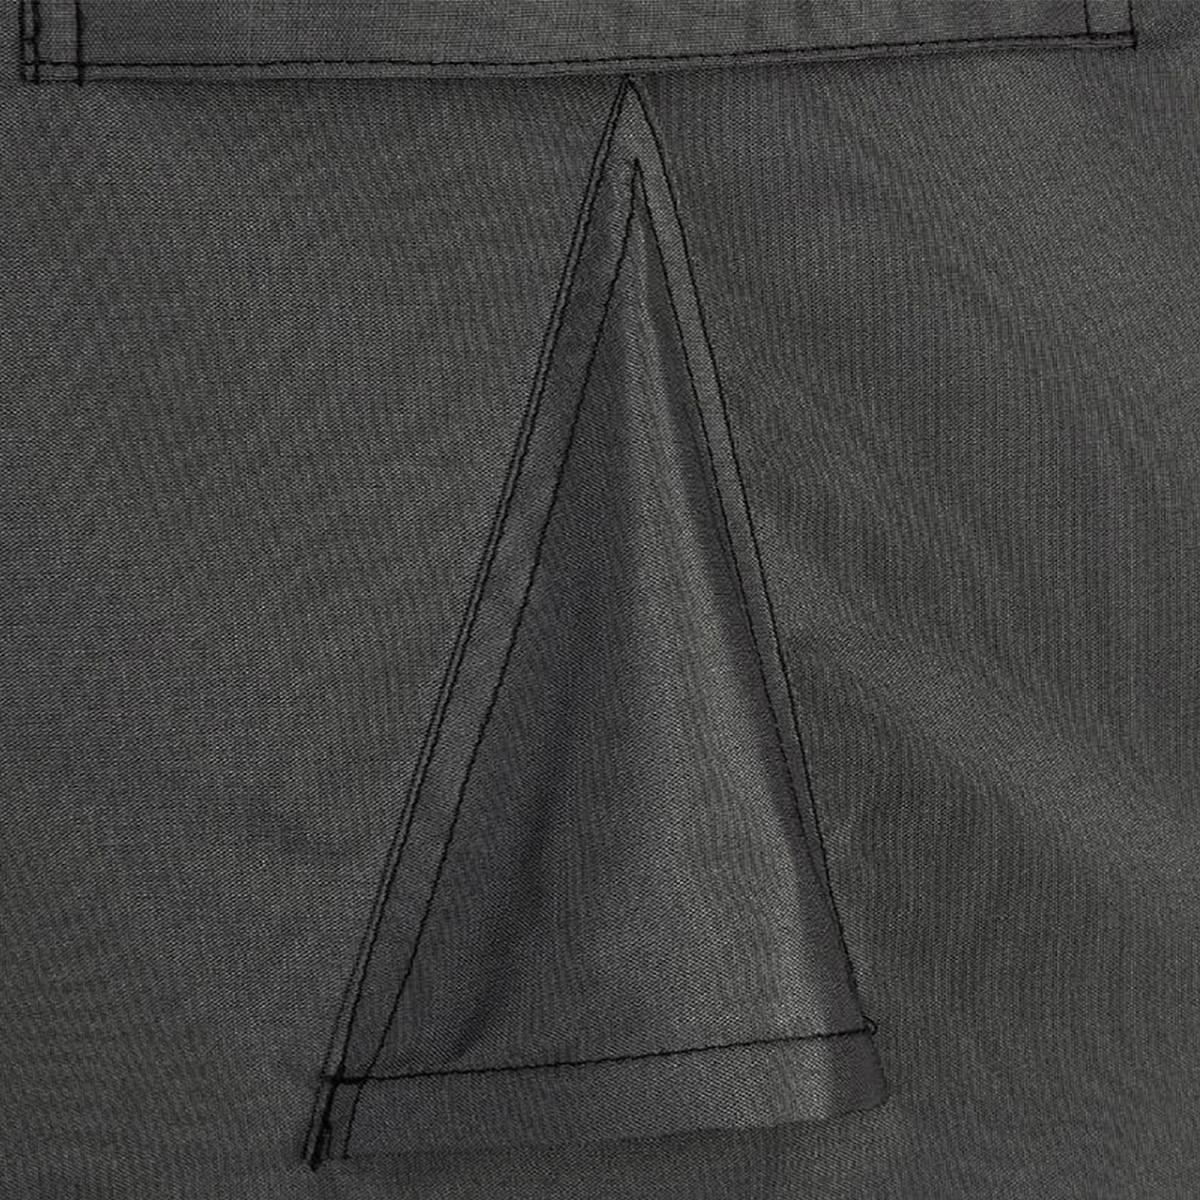 כיסוי לשולחן מלבני גדול 2.65x1.25 מ' - תמונה 3